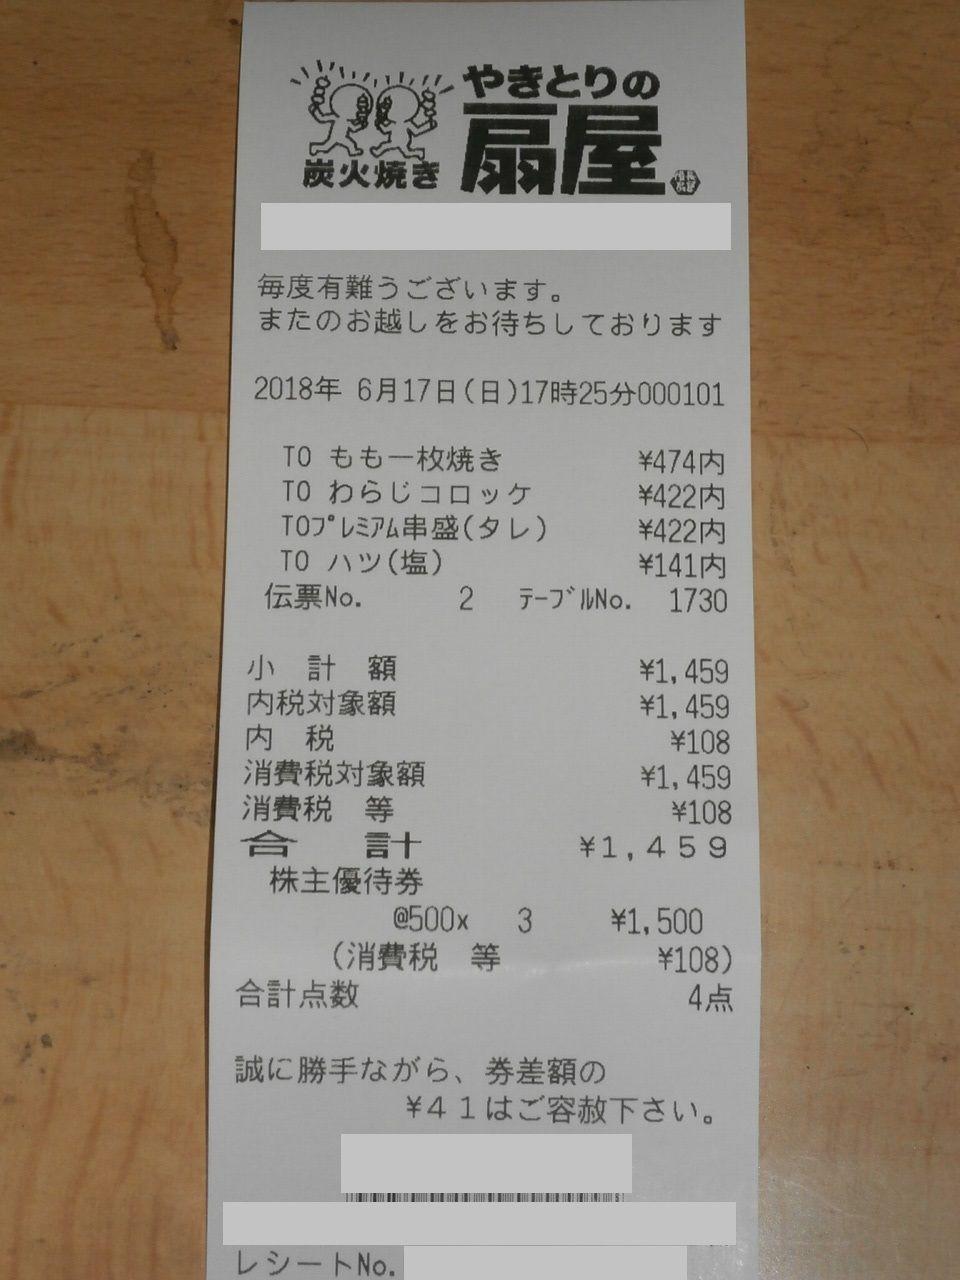 7918 - (株)ヴィア・ホールディングス 思い立ったが吉日 改悪前の優待 期限切れ前に使い切りました。 焼き鳥丼にでもするかのぉ~  不覚!!